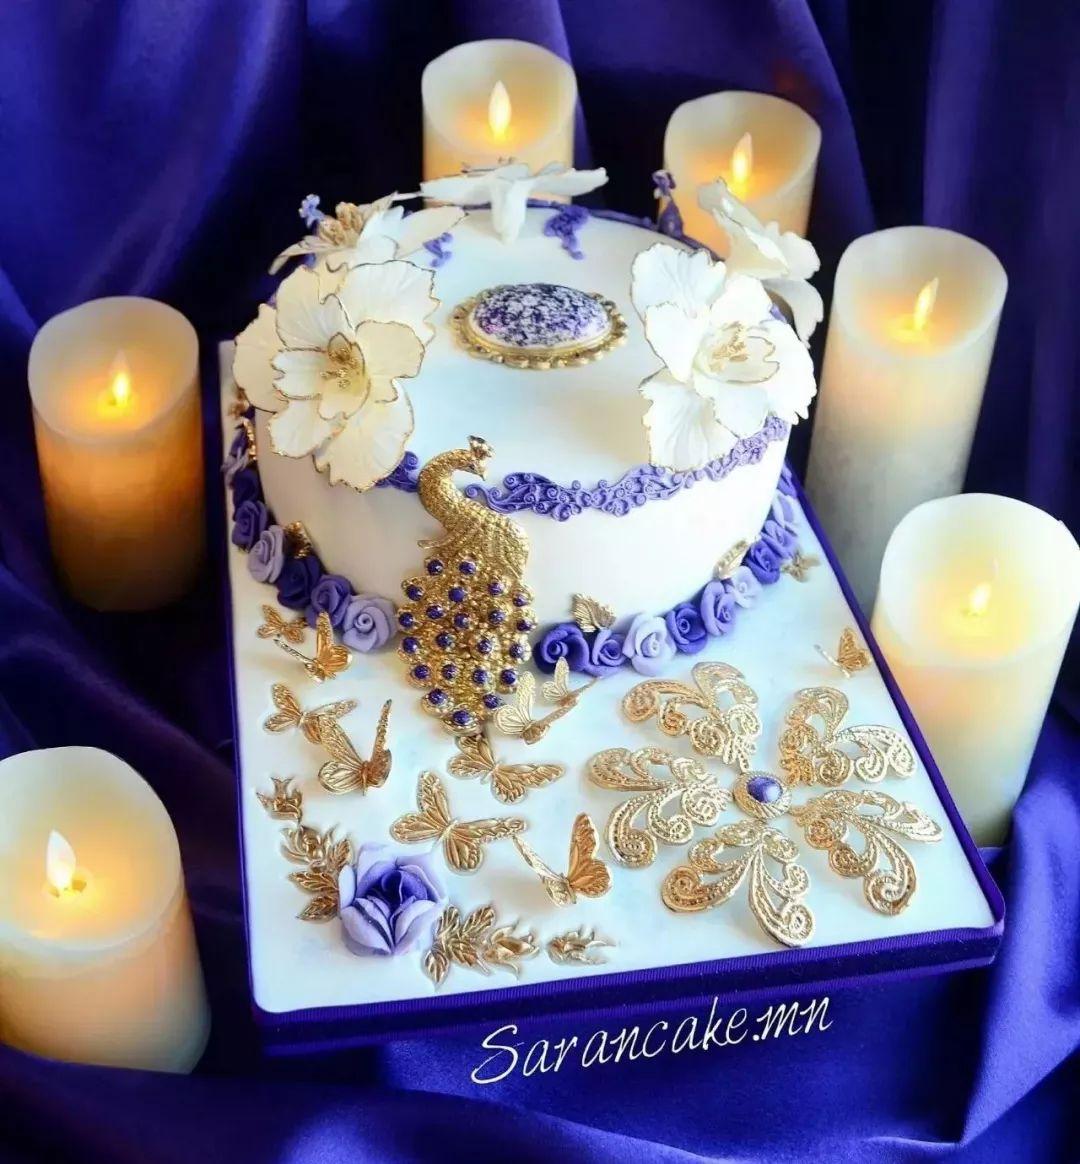 蒙古蛋糕做成这样,你还舍得吃吗? 第15张